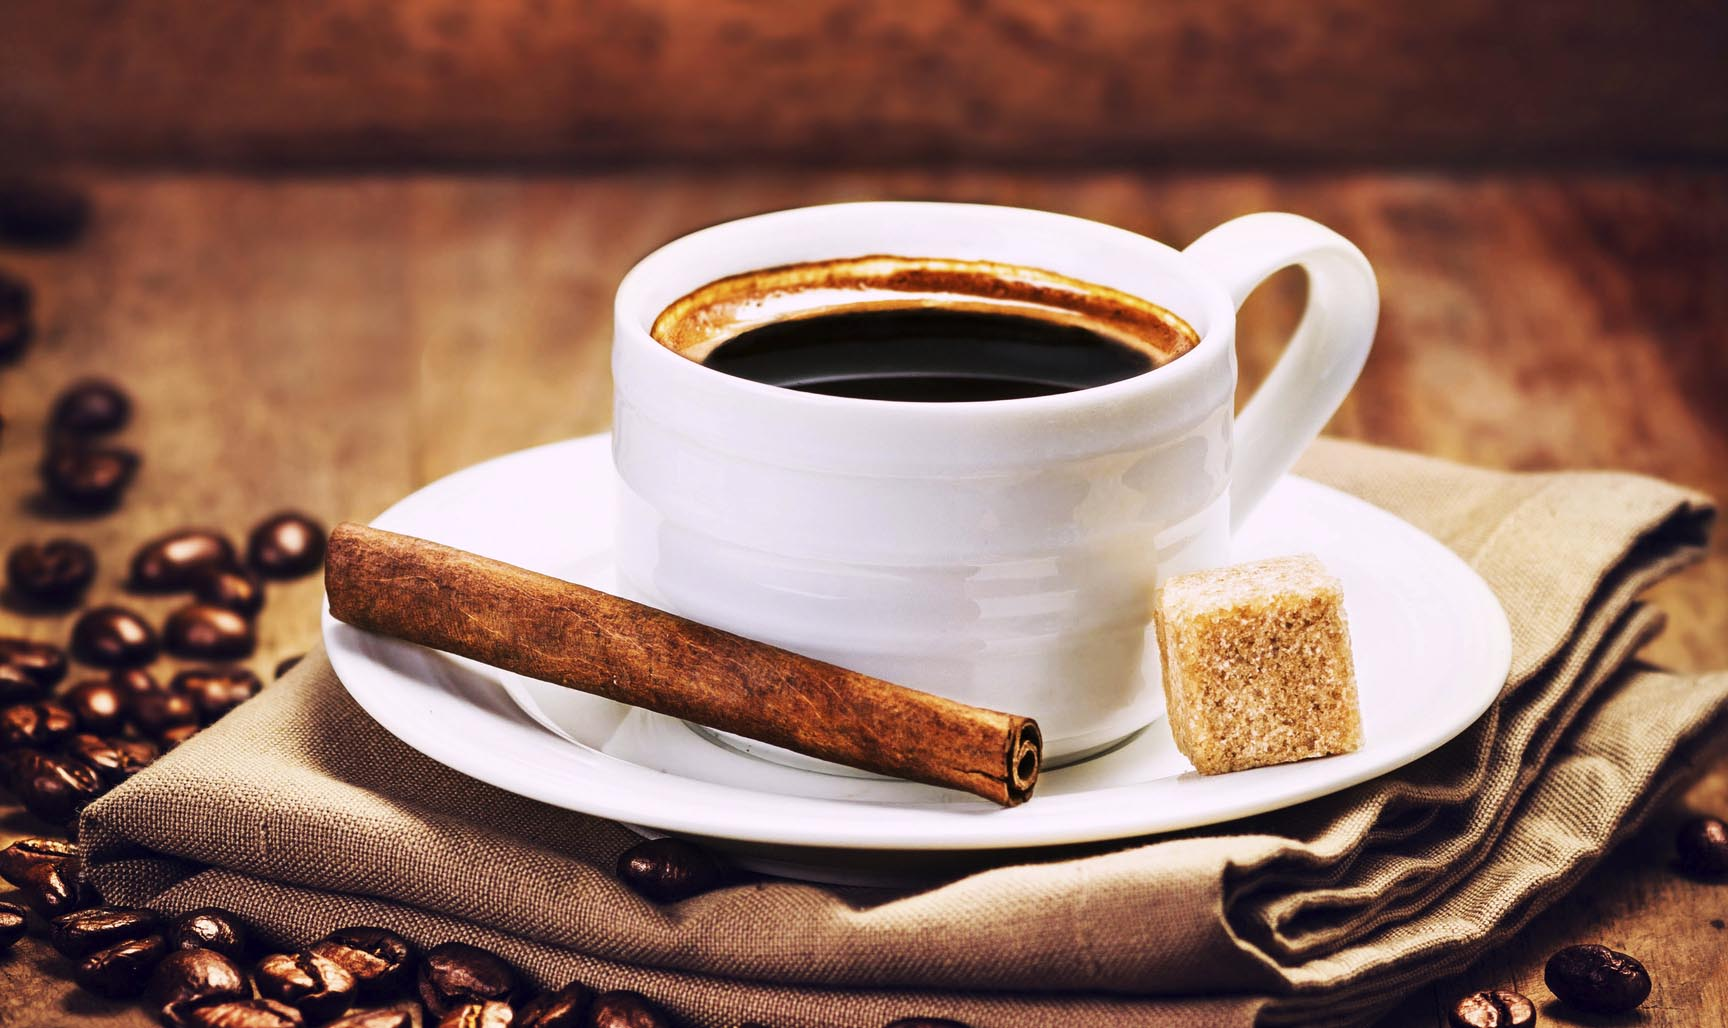 El Sumario - Un estudio realizado por investigadores de la Universidad de Alabama reveló que el consumo diario de cafeína impacta sobre los síntomas de molestia corporal